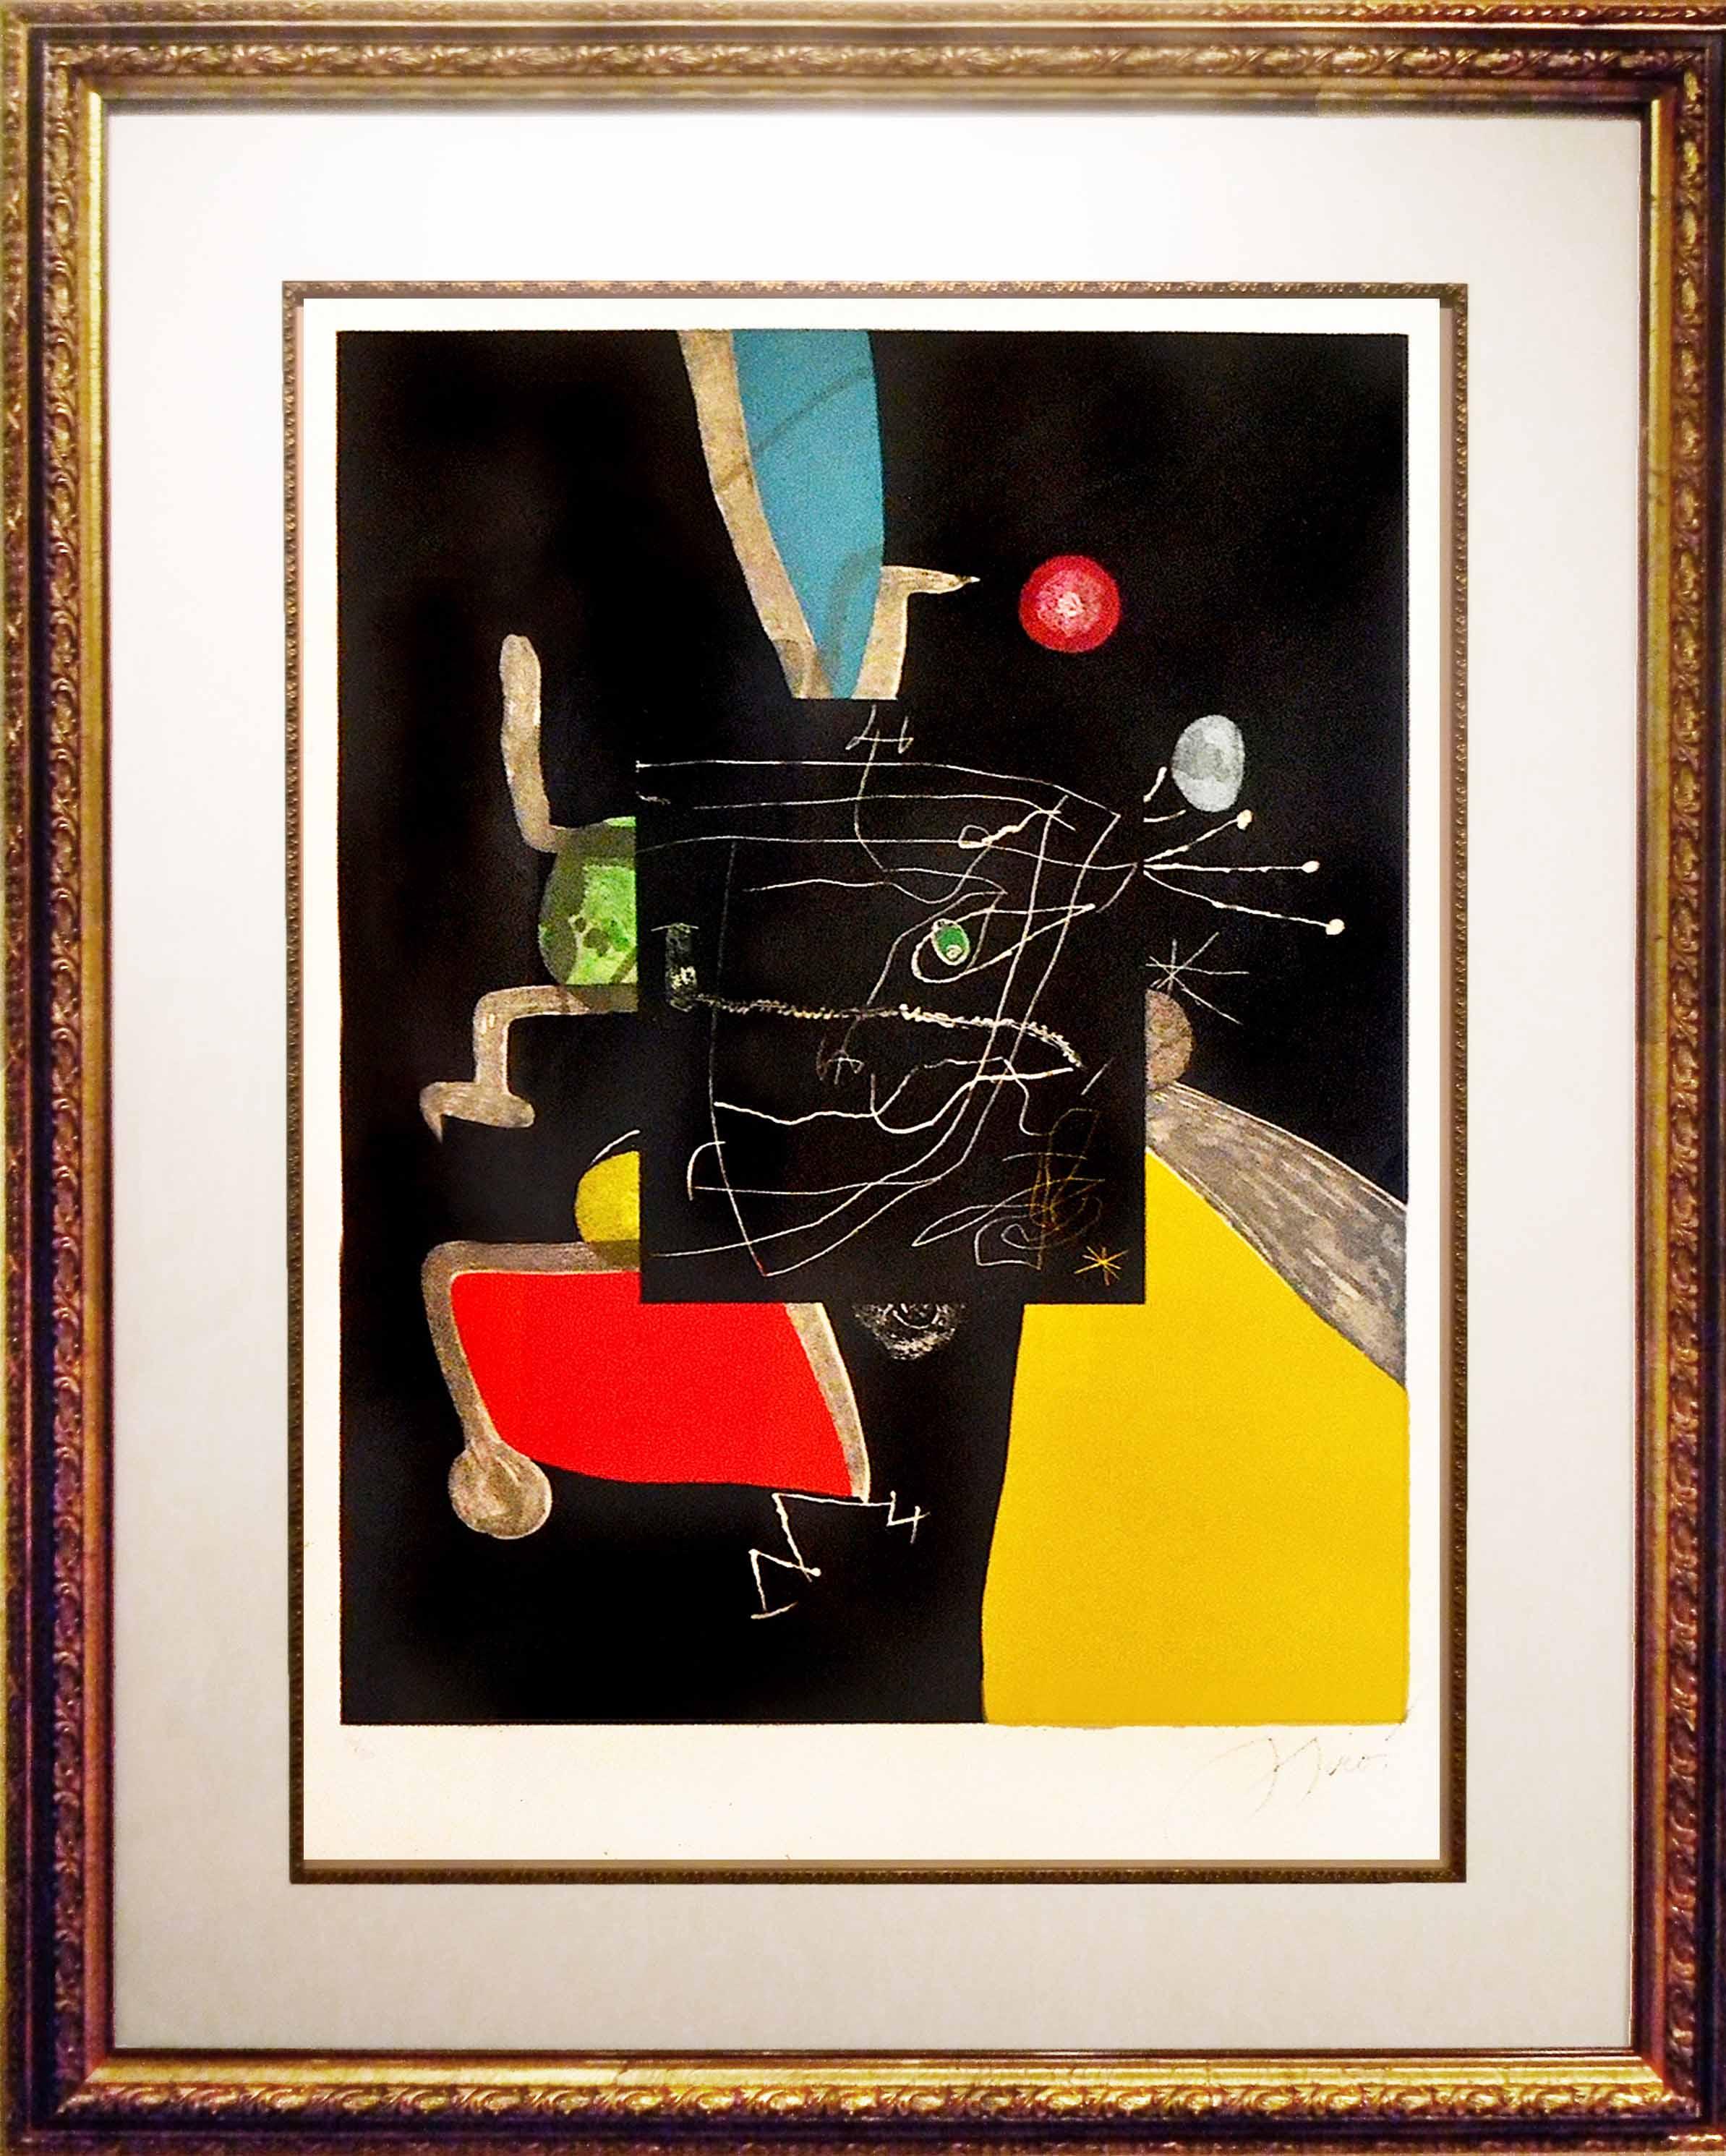 Miró, Book of Six Senses